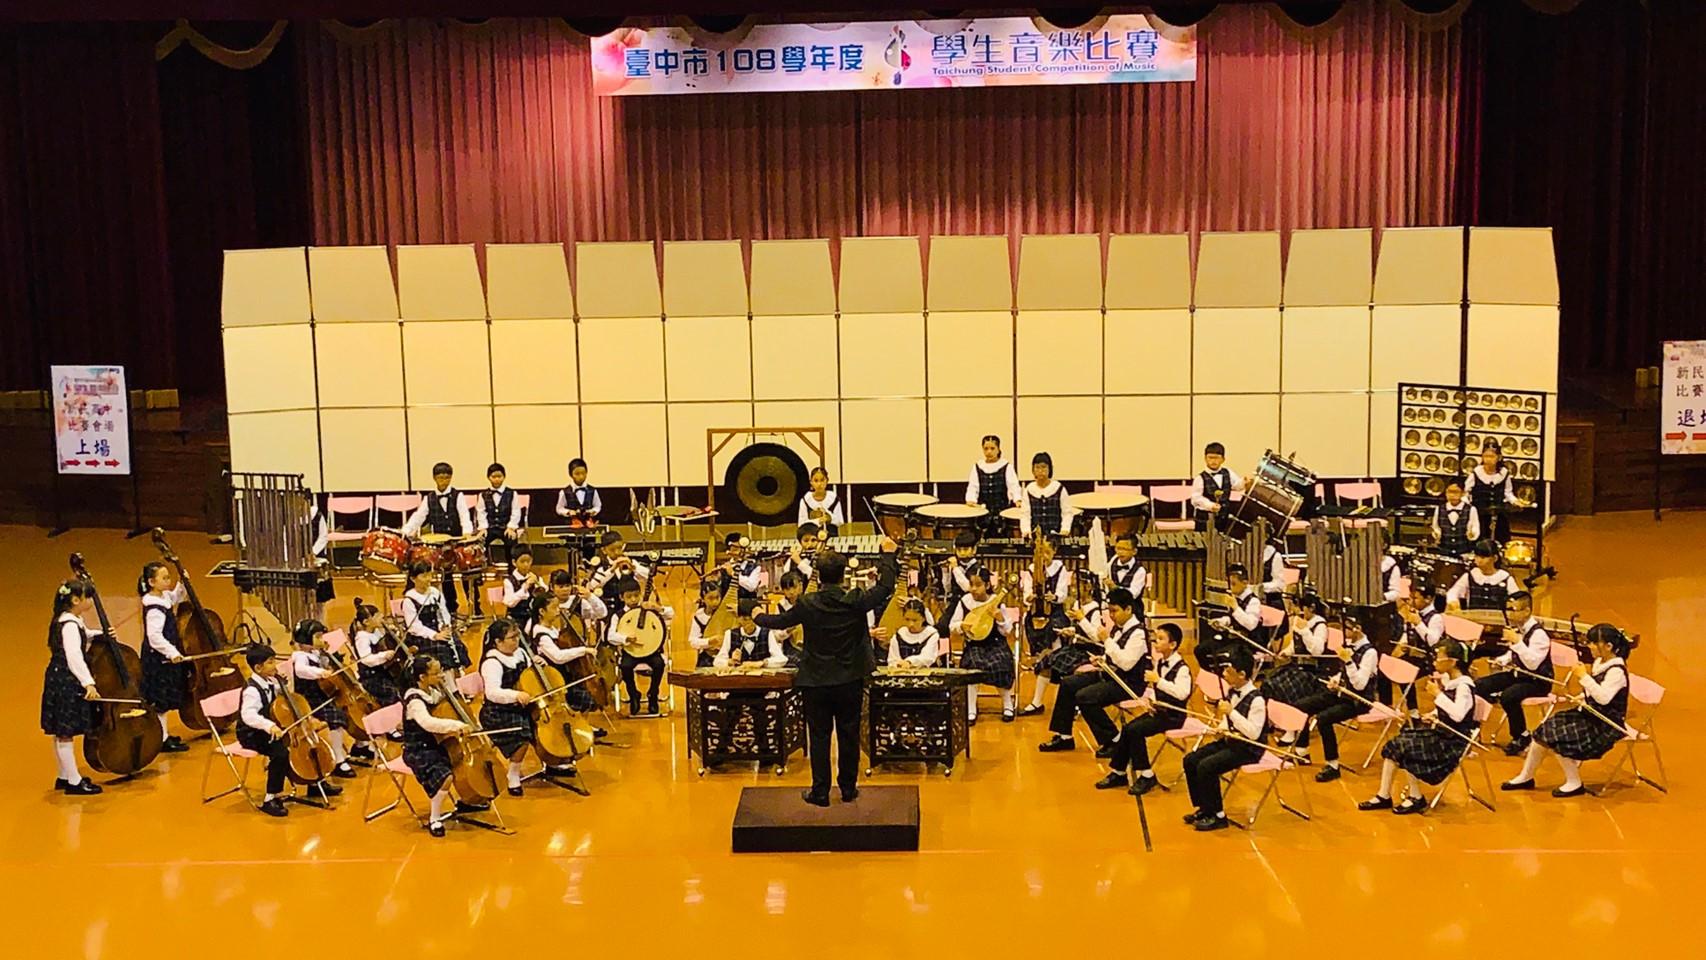 2021臺中市中區光復國民小學音樂班成果發表會《春˙好時節》、共1張圖片